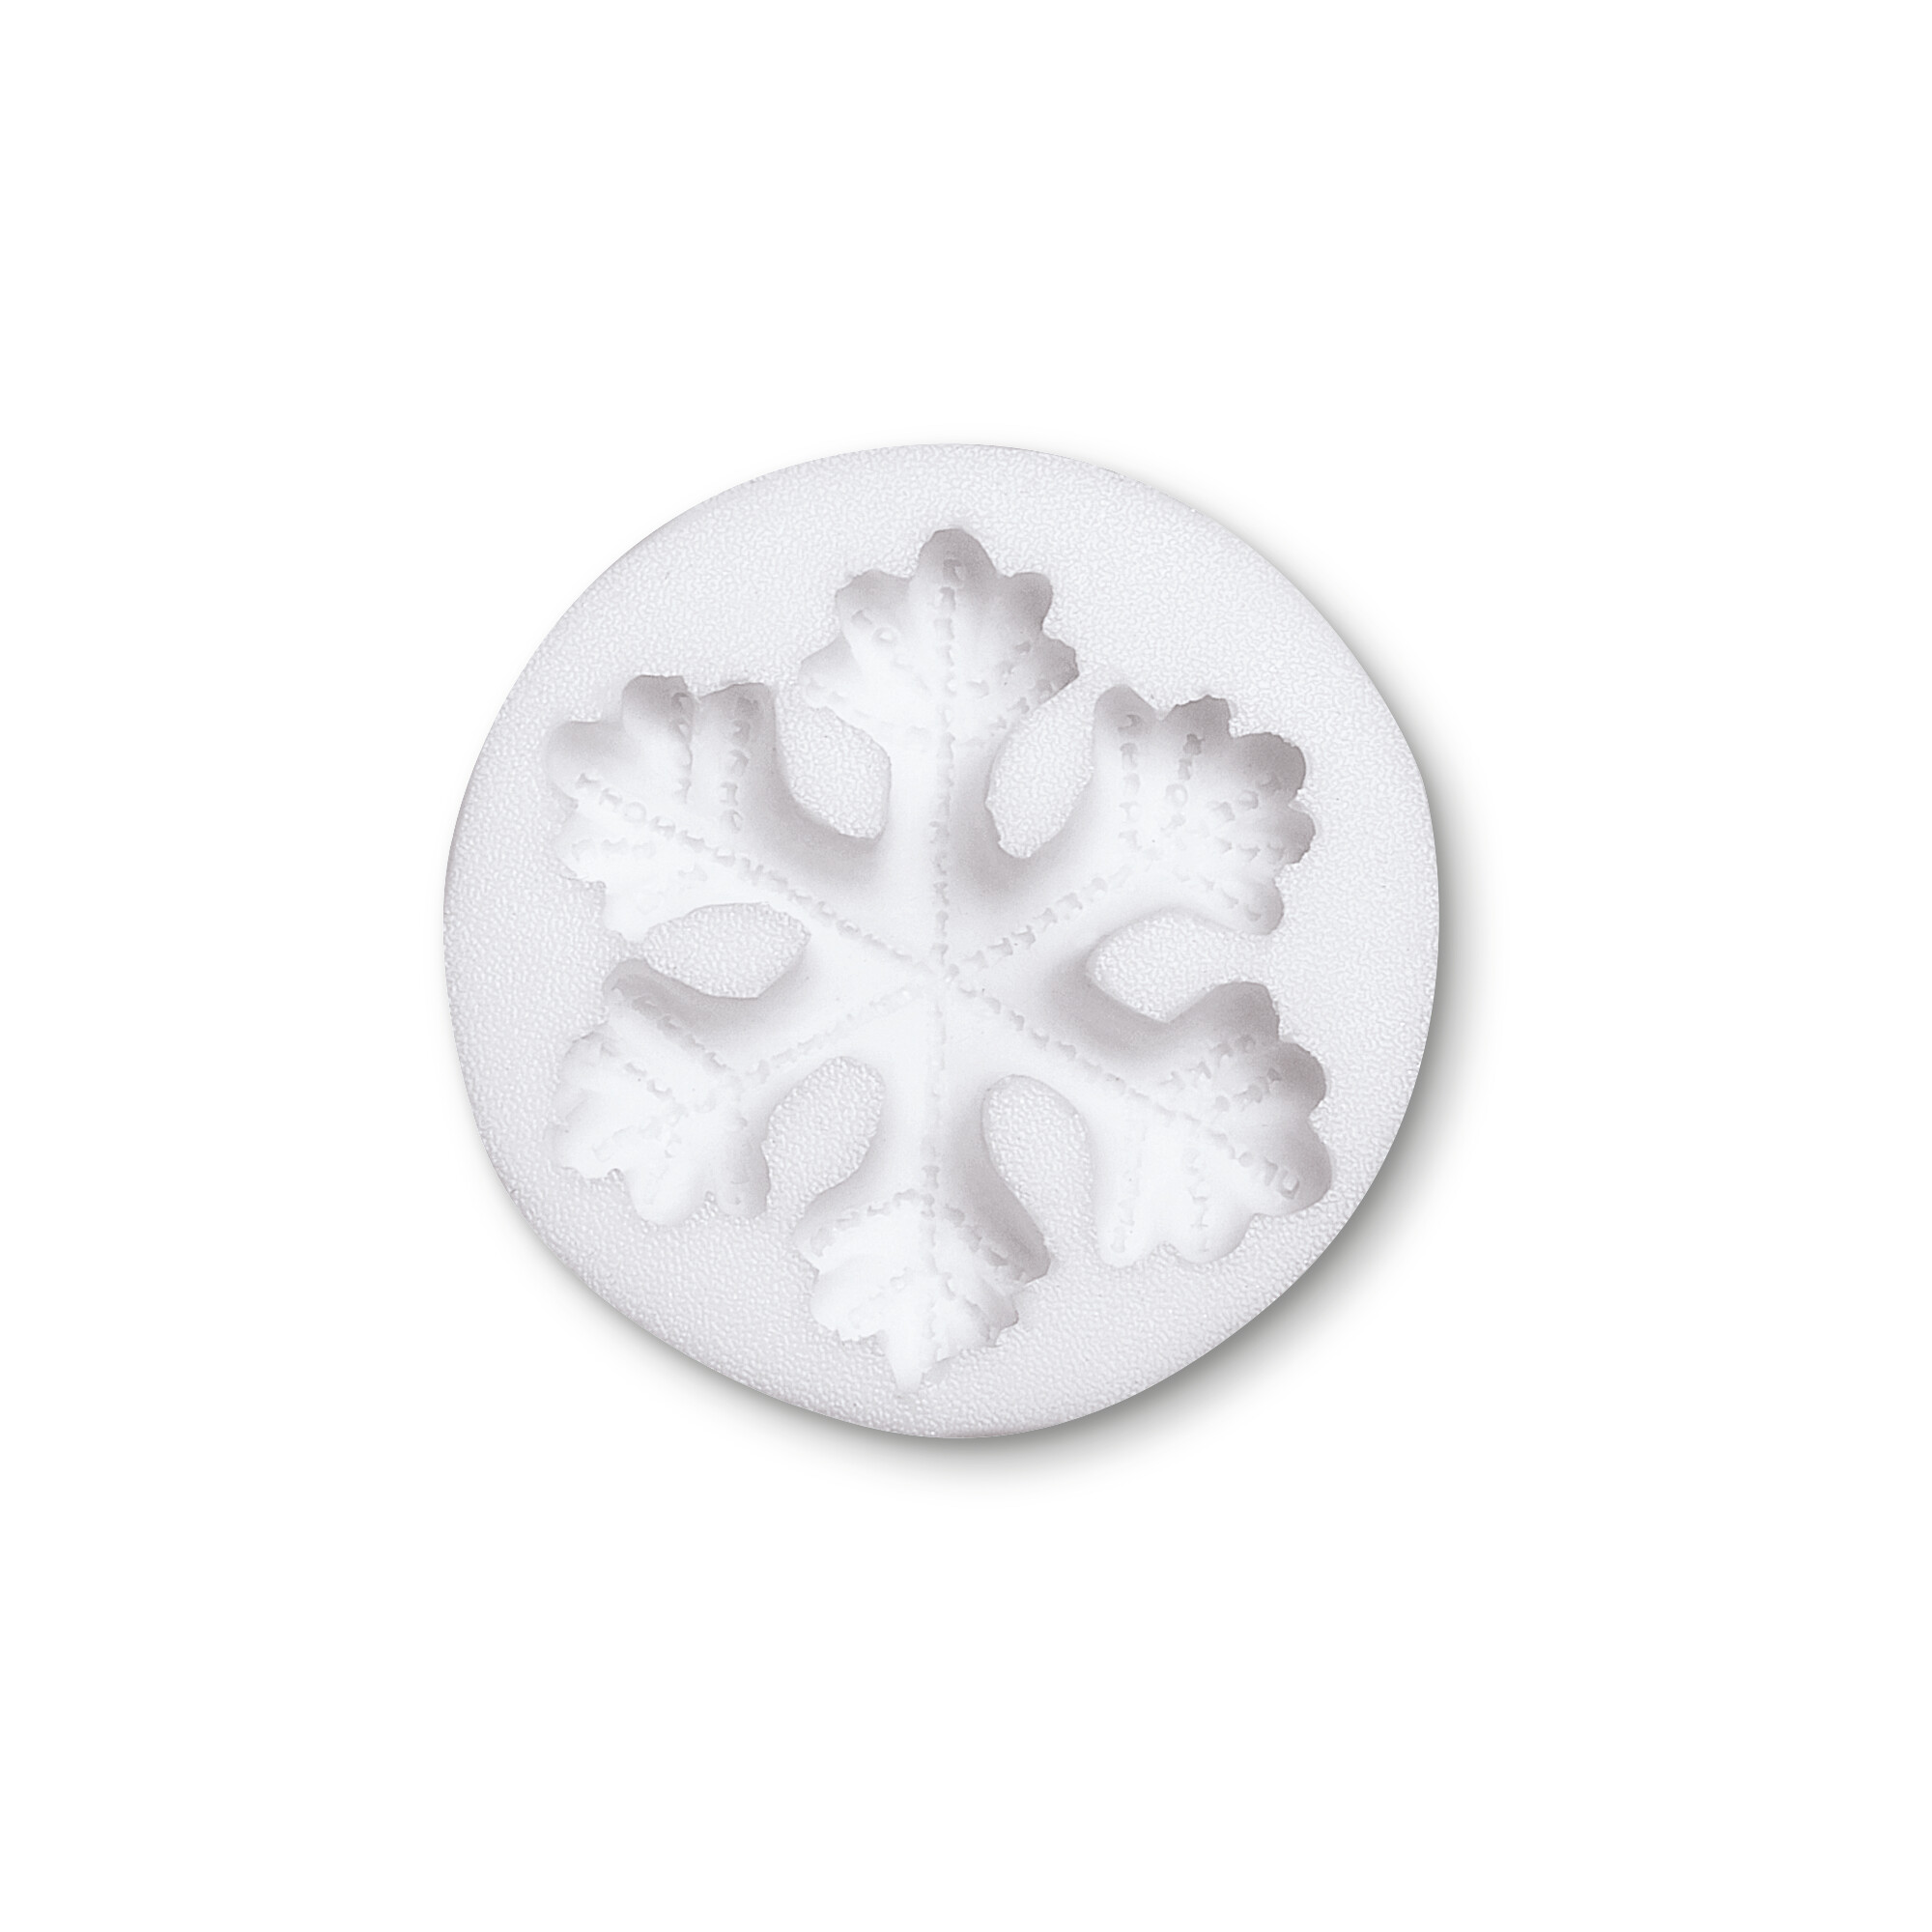 Deko-Flex-Model - Schneeflocke - Reliefform